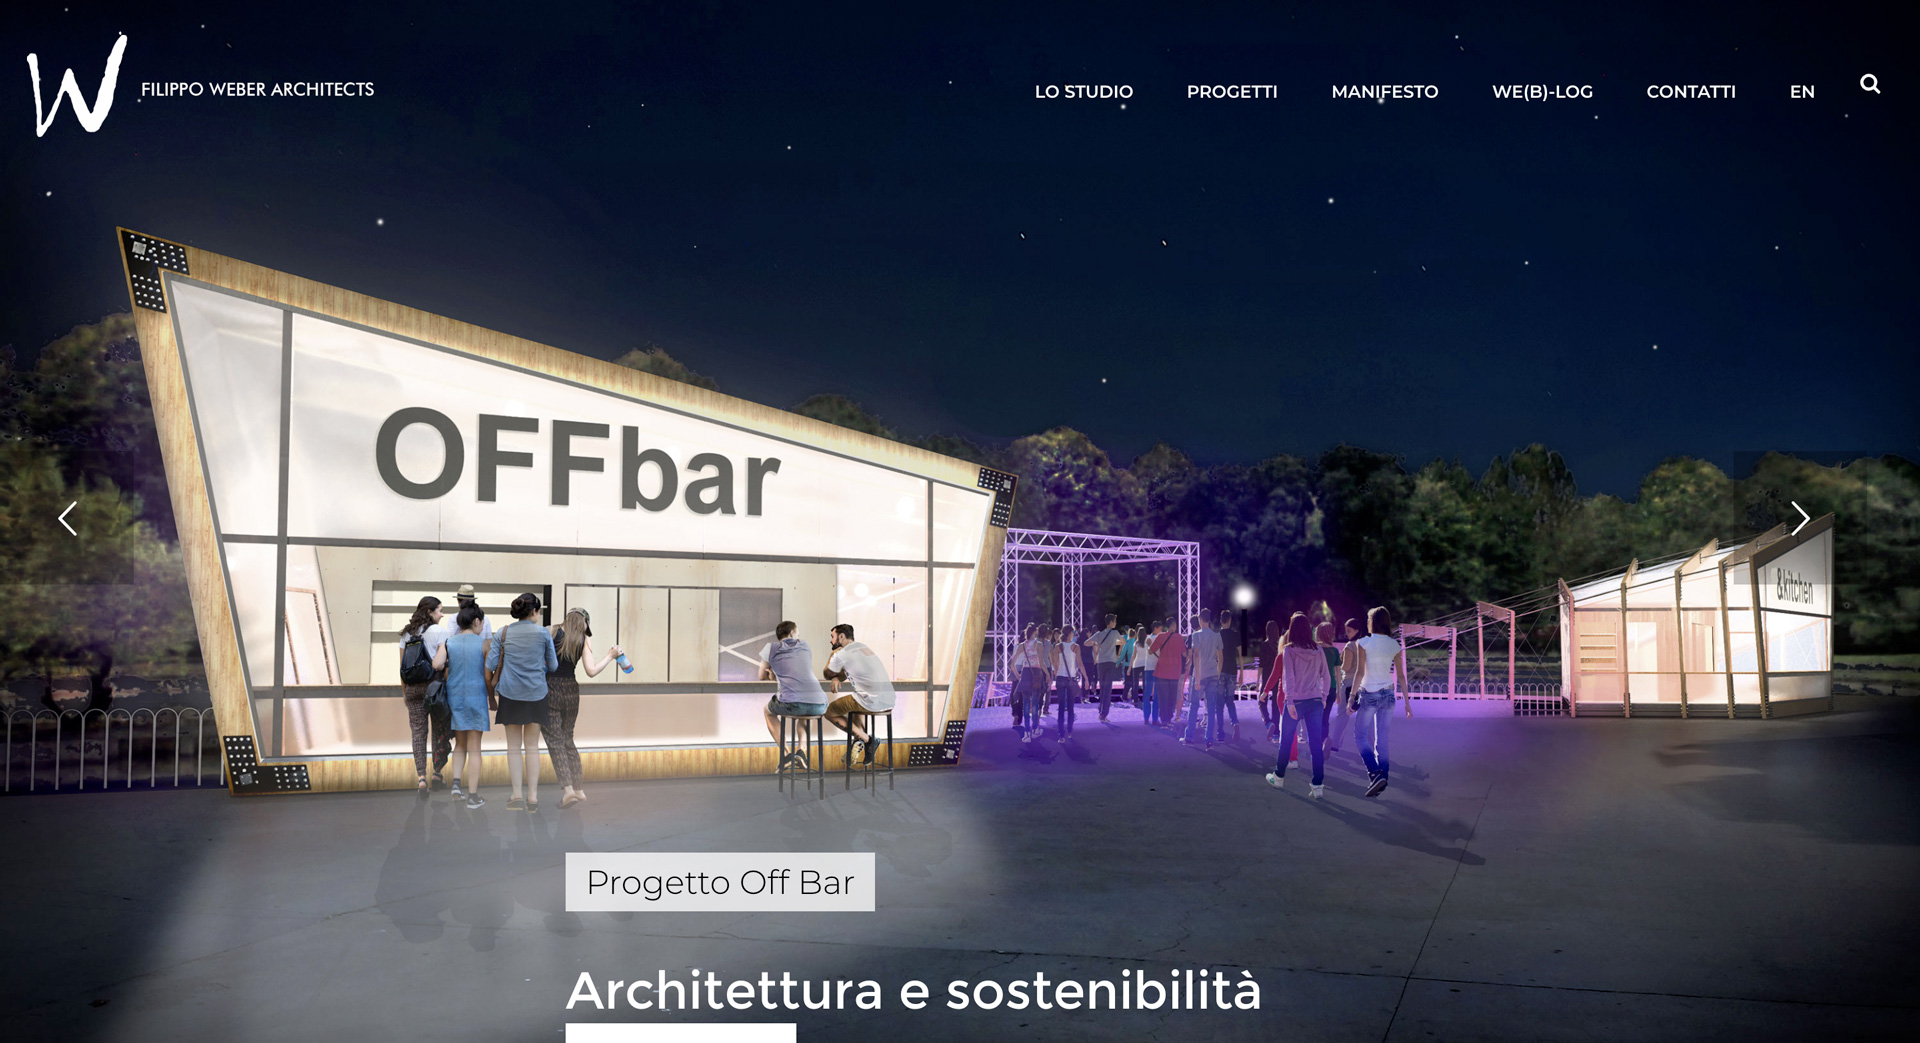 filippo-weber-architetto-restyling-sito-home1